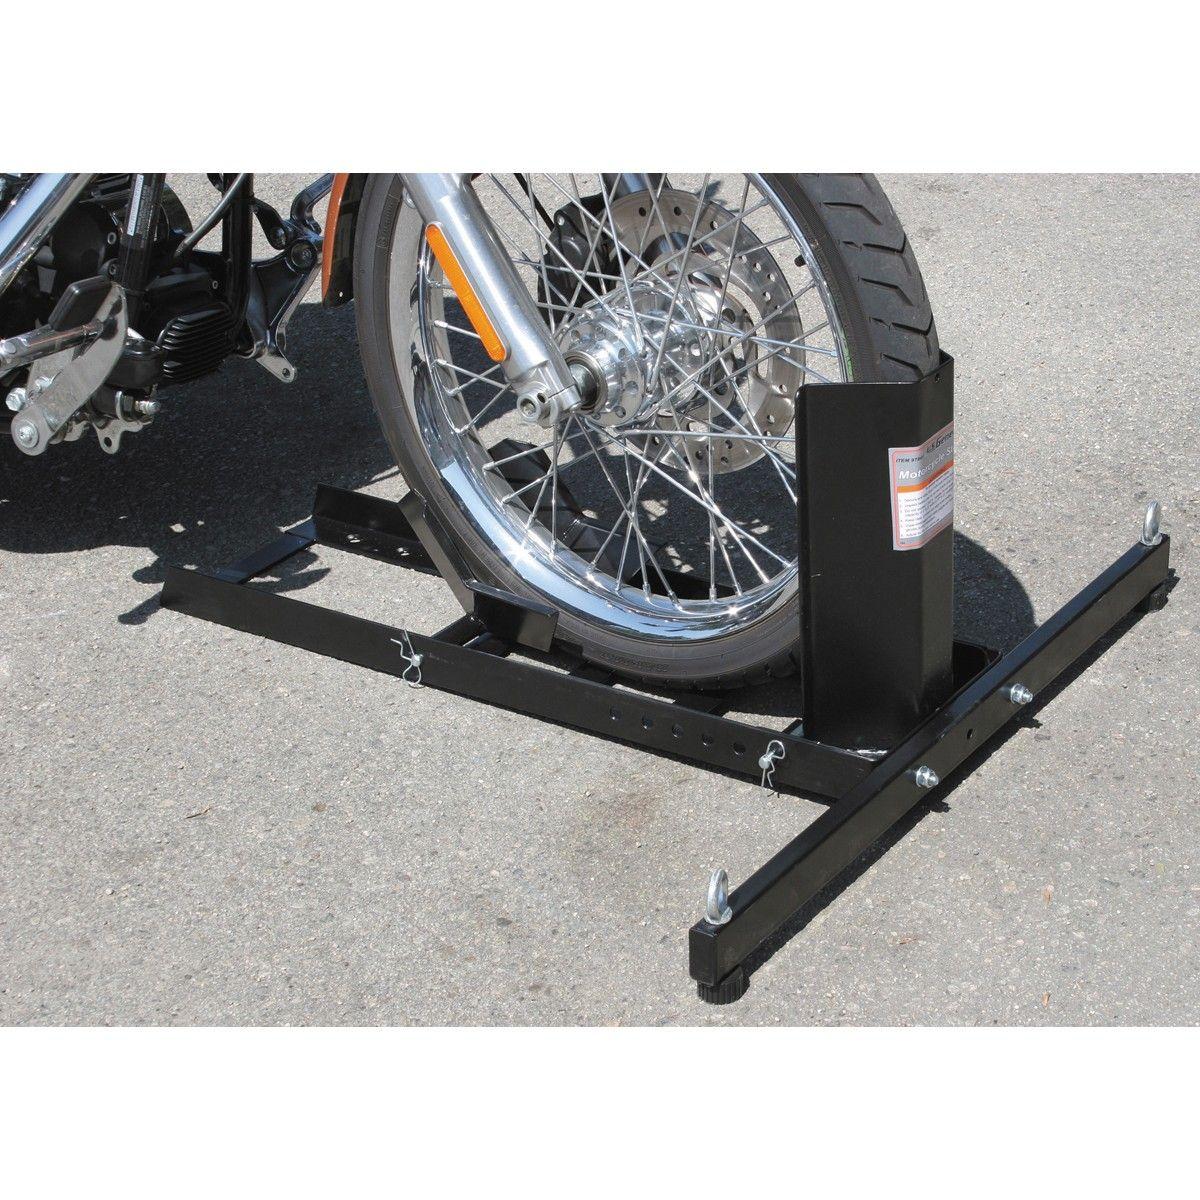 1800 Lb Capacity Motorcycle Stand Wheel Chock Motorcycle Wheels Bike Motorcycle